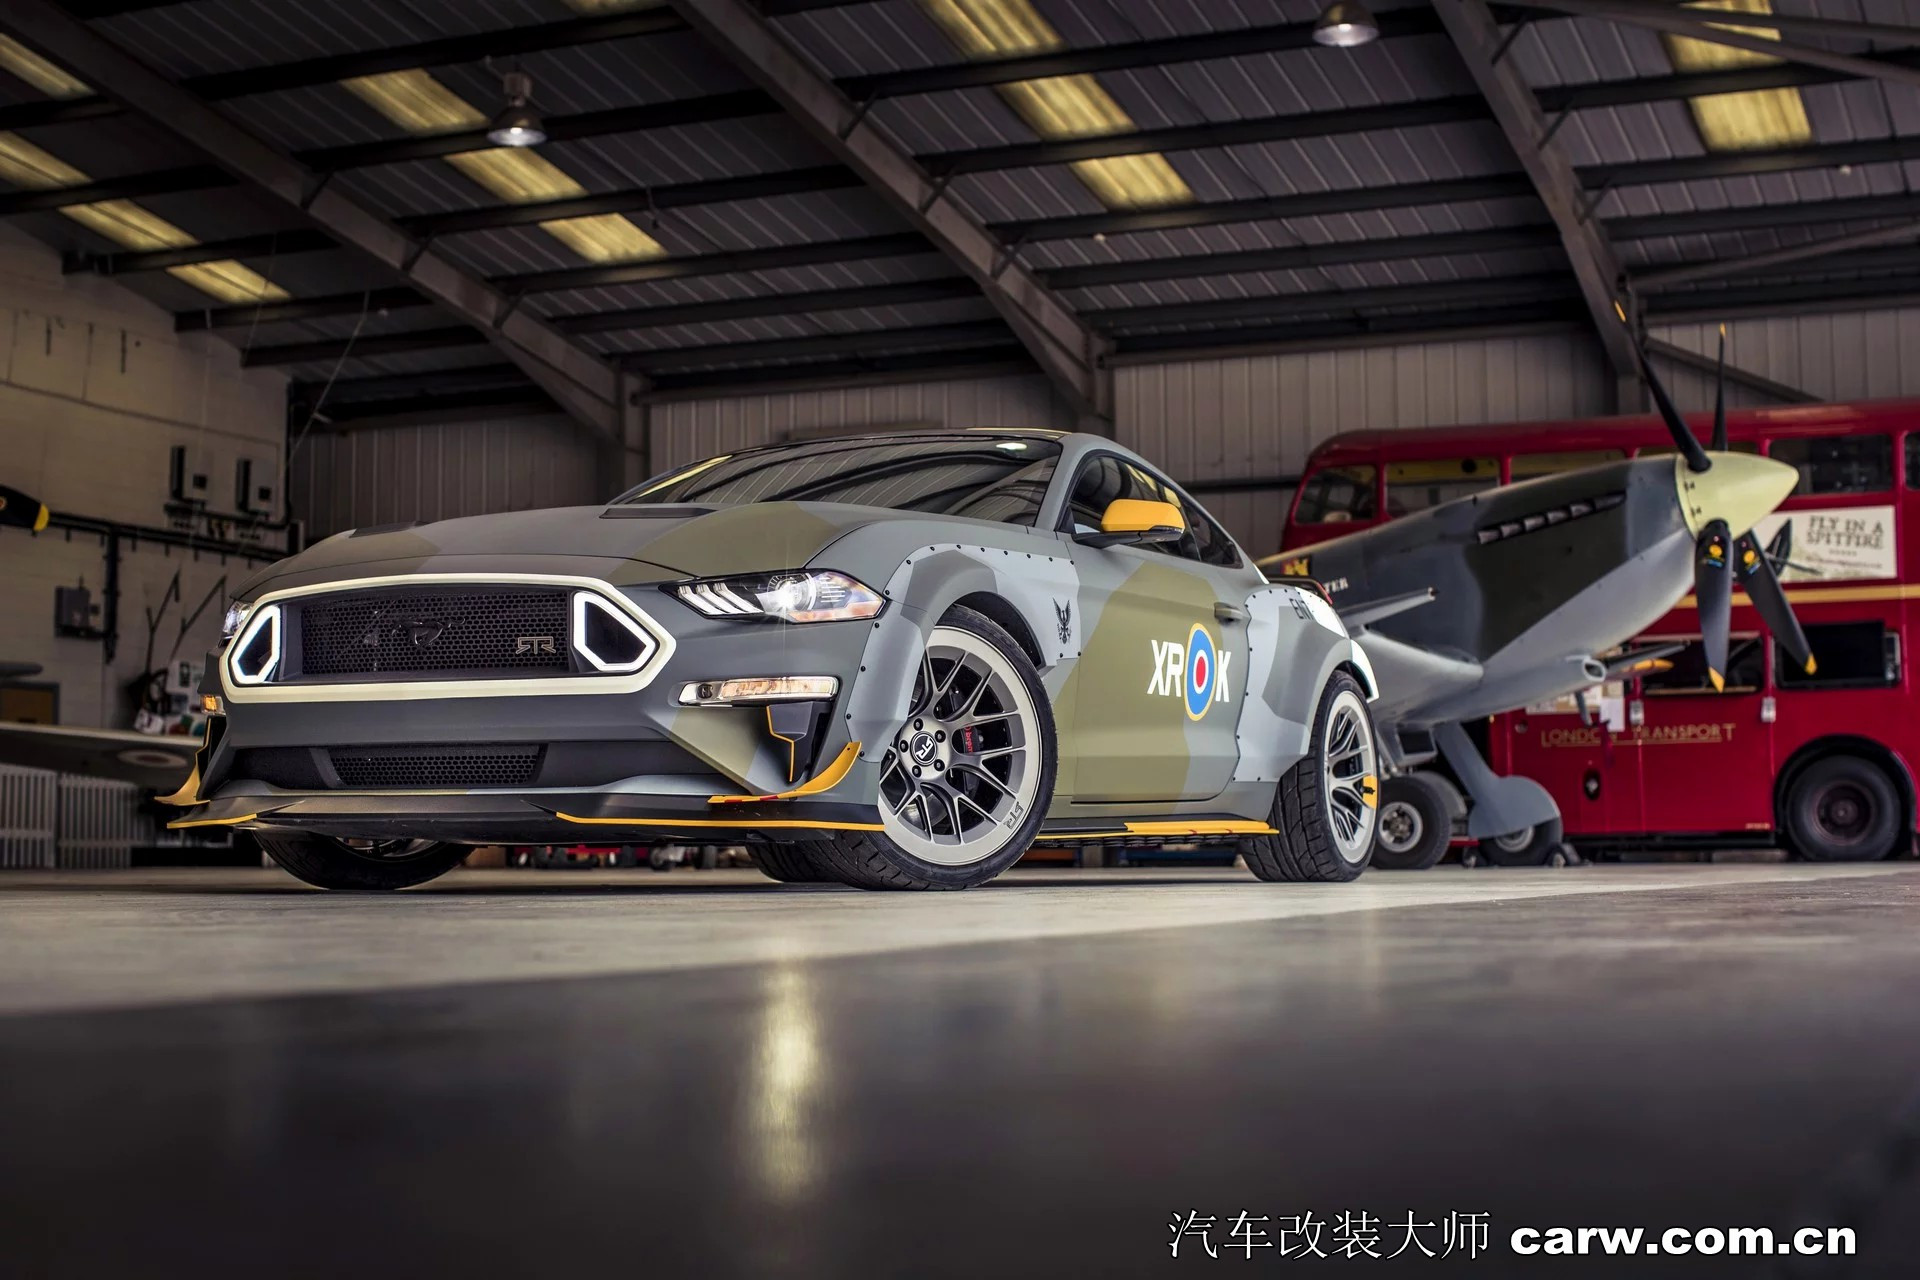 肌肉车你喜欢就快看看鹰中队野马GT超酷改装